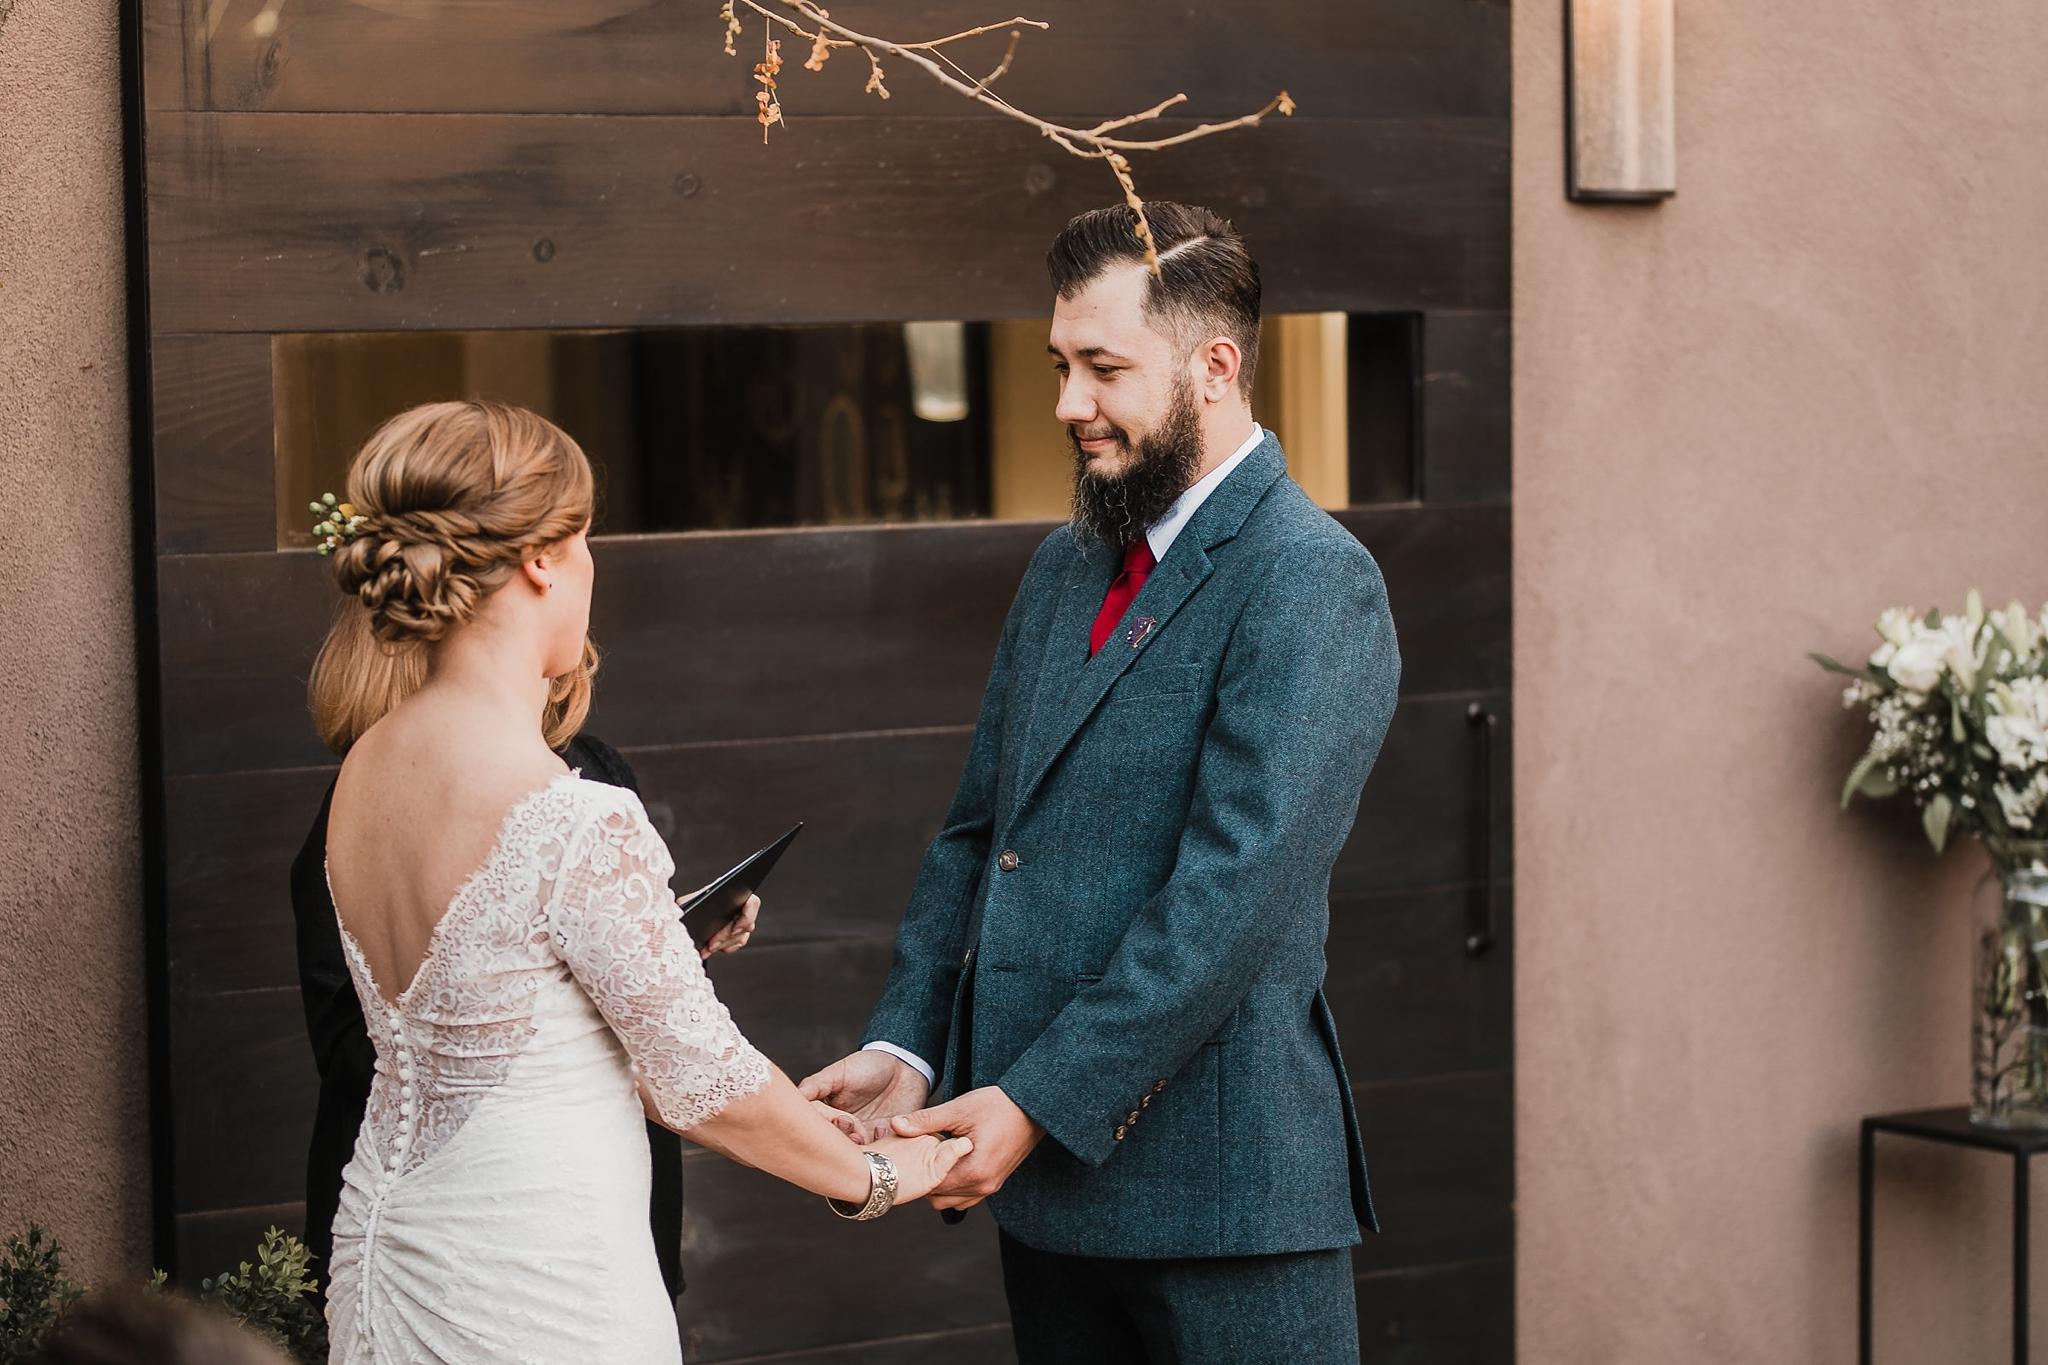 Alicia+lucia+photography+-+albuquerque+wedding+photographer+-+santa+fe+wedding+photography+-+new+mexico+wedding+photographer+-+new+mexico+wedding+-+wedding+vows+-+writing+your+own+vows+-+wedding+inspo_0016.jpg